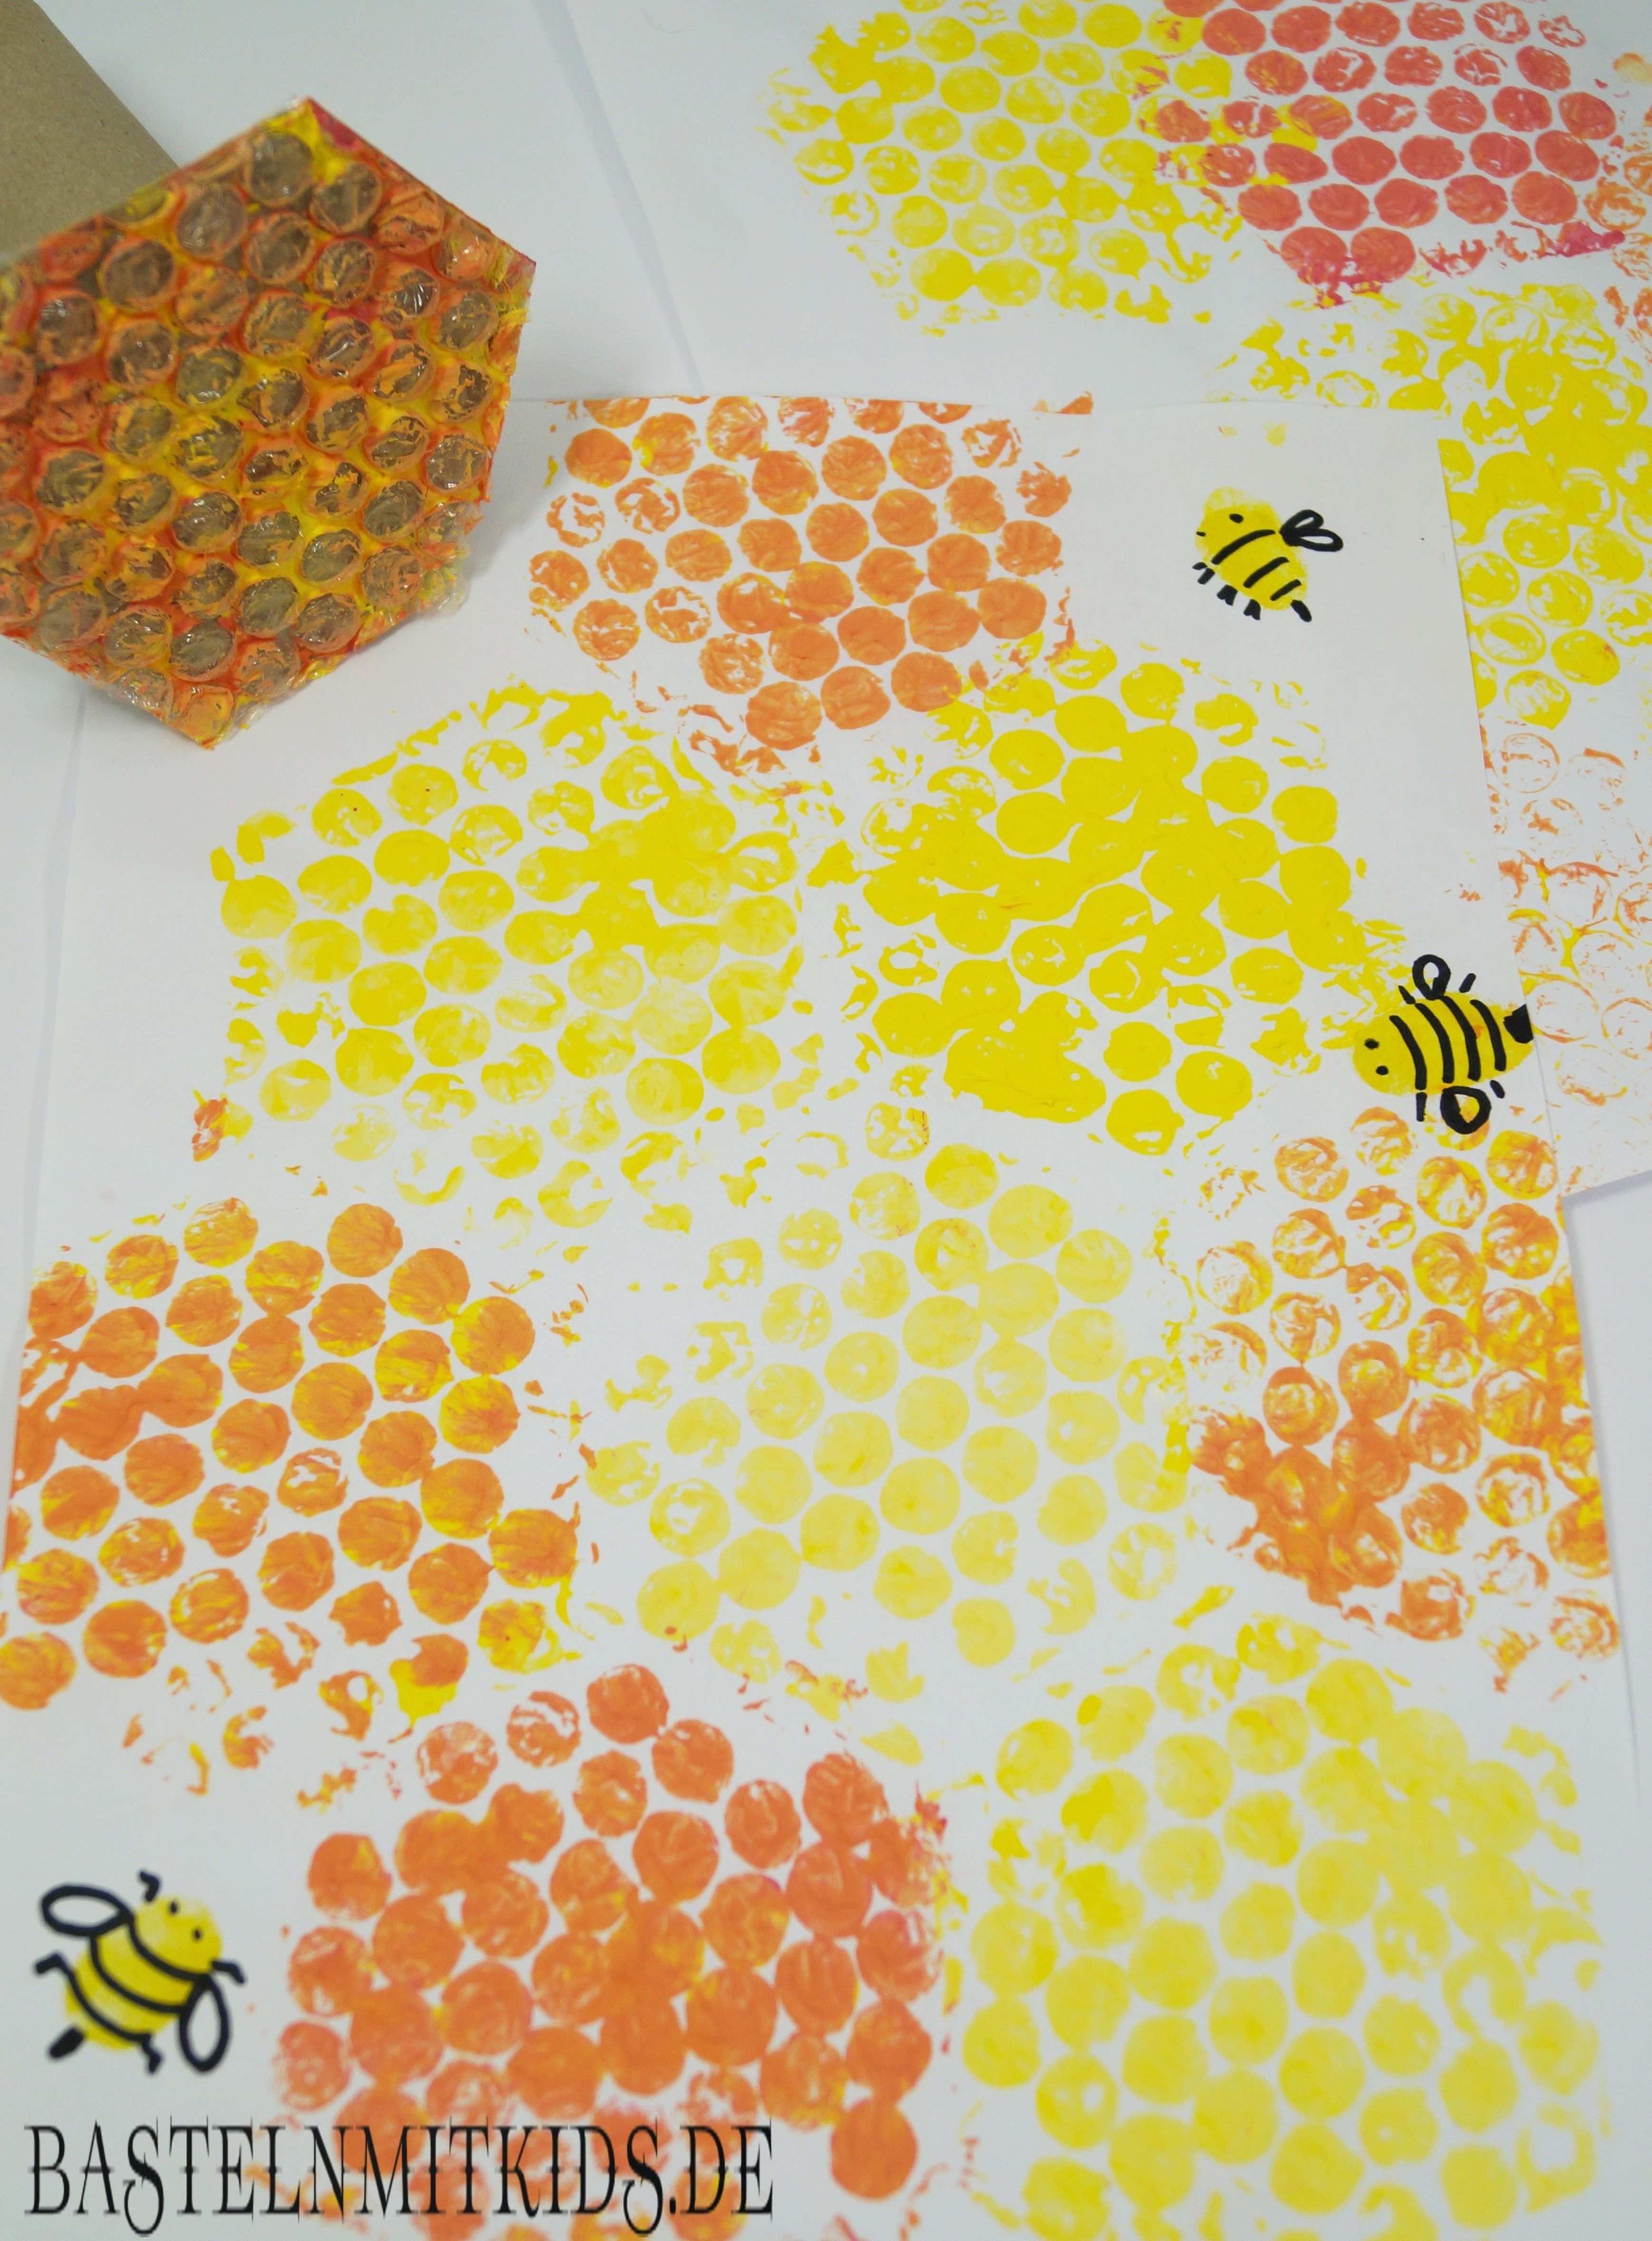 Bienenwaben Basteln Mit Kindern Und Kleinkindern Bastelnmitkids Bienen Basteln Bienen Waben Basteln Ideen Sommer